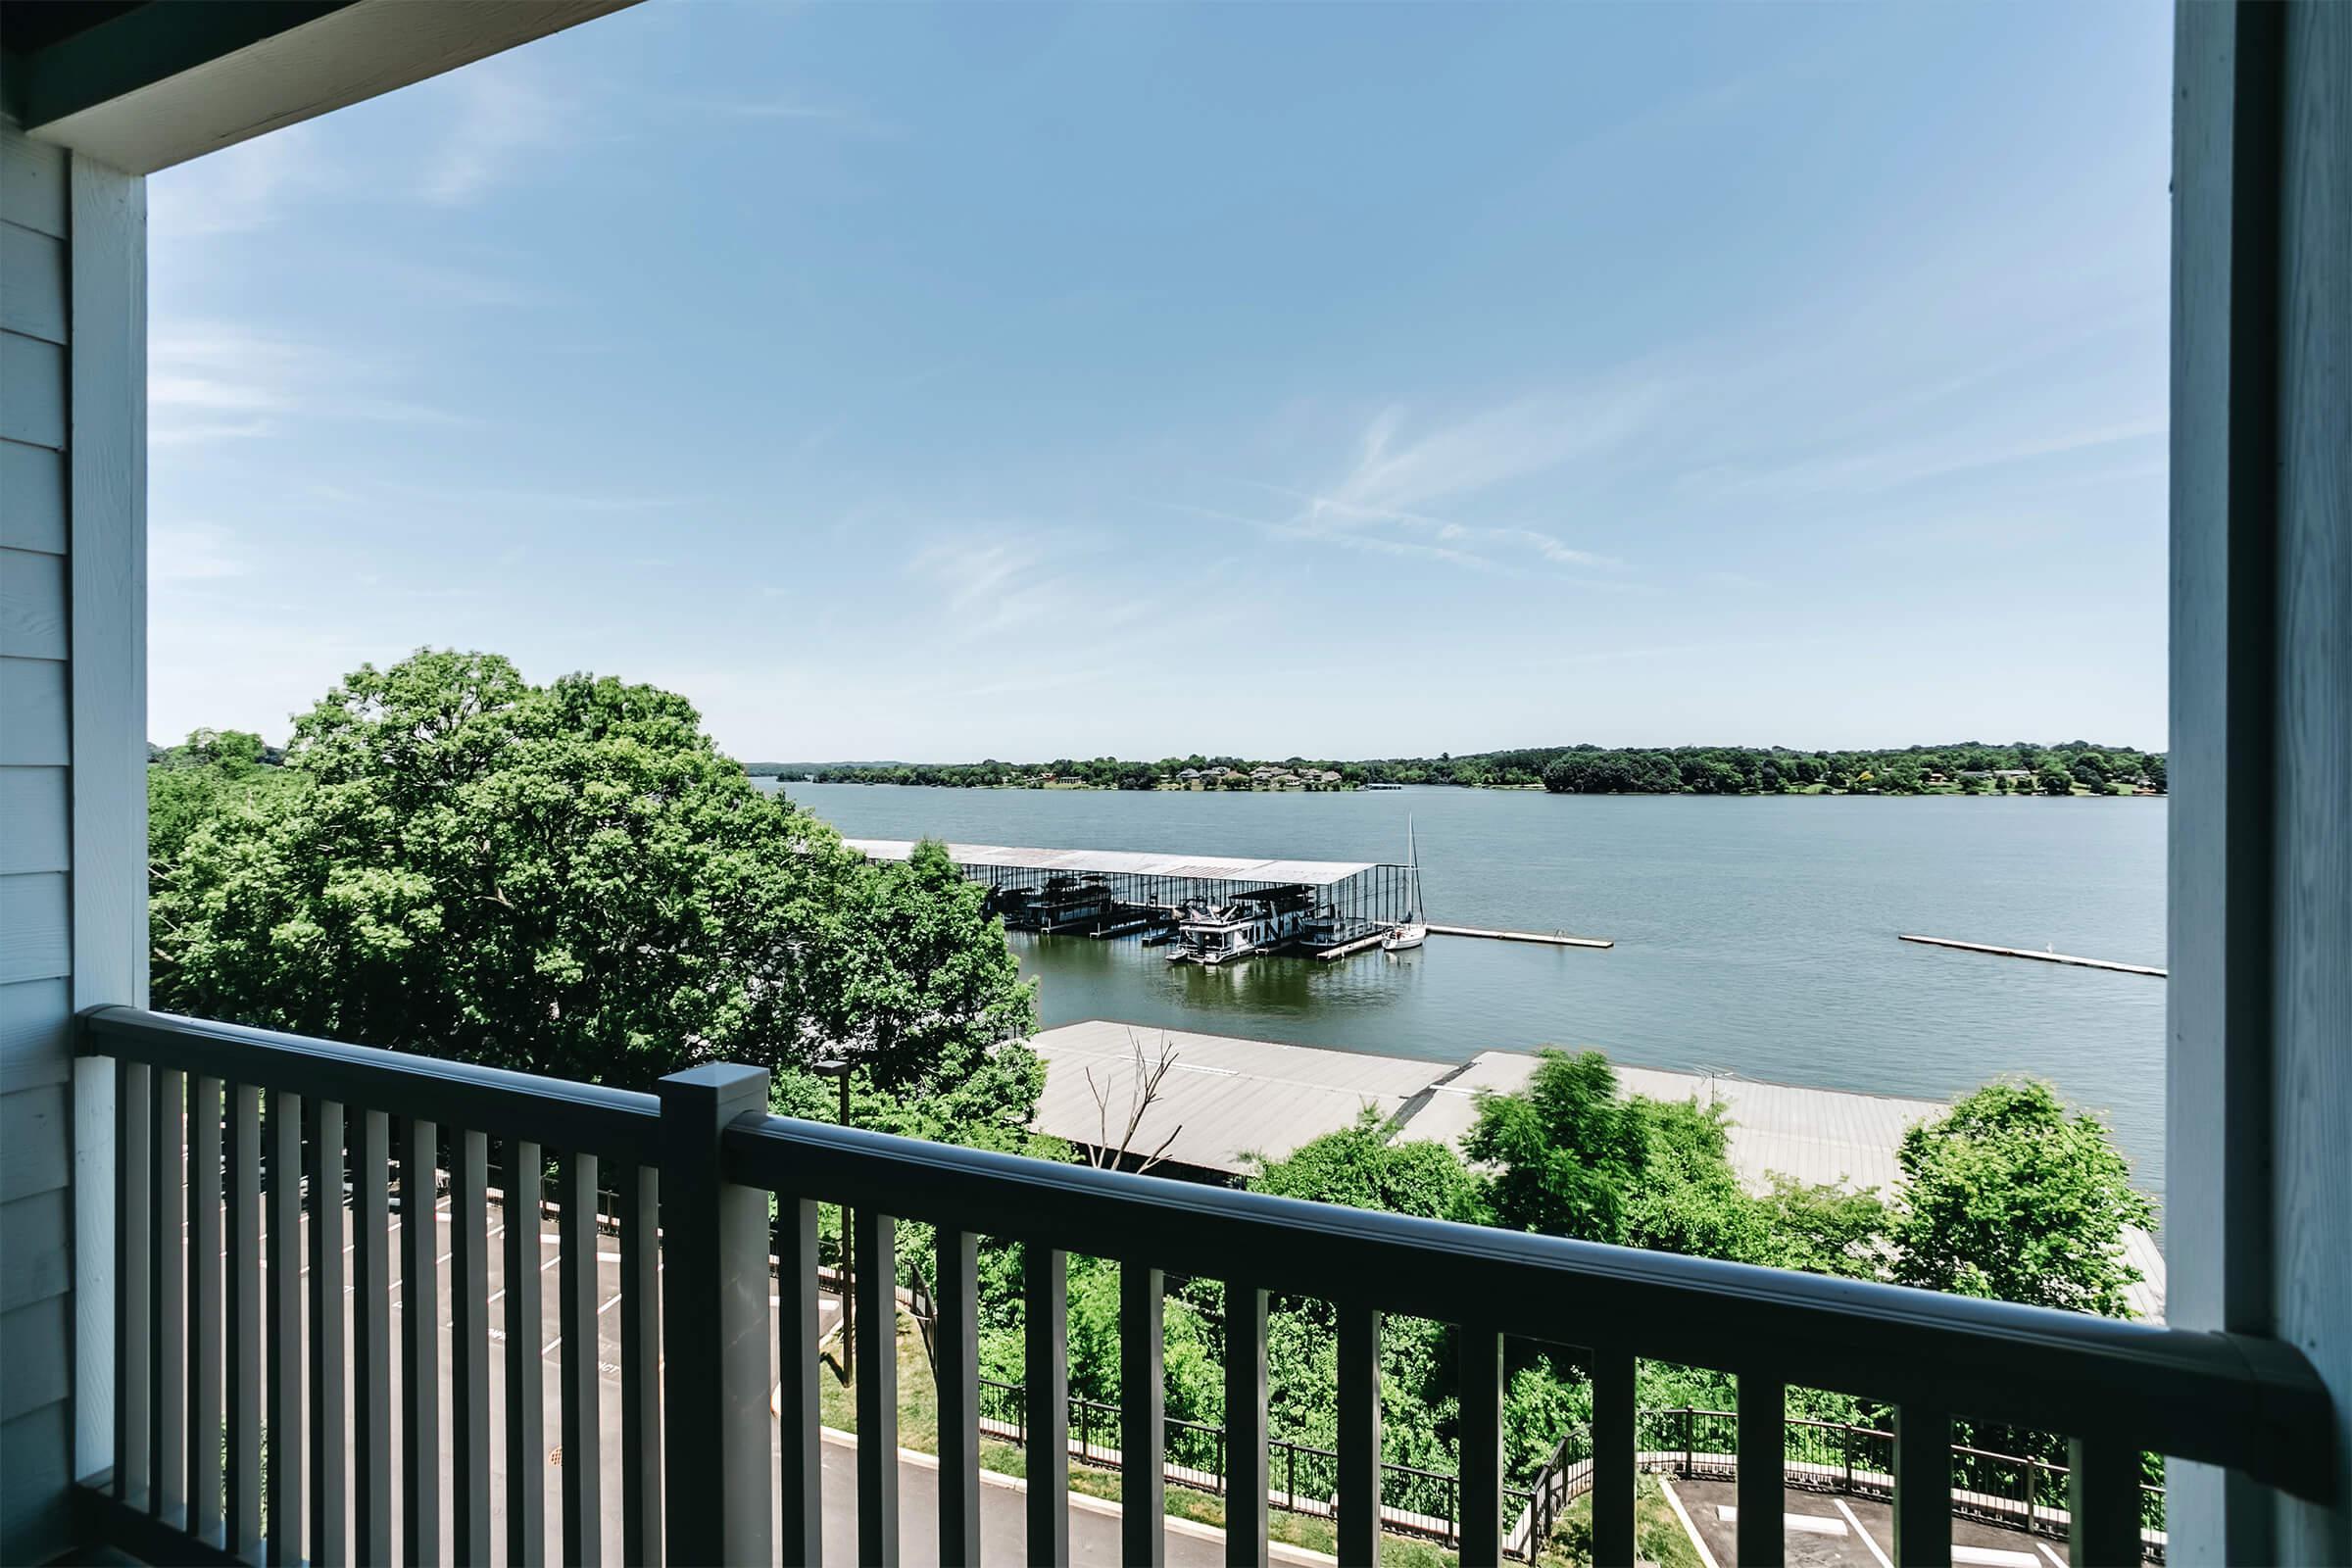 Soak up the views at The Residence at Old Hickory Lake